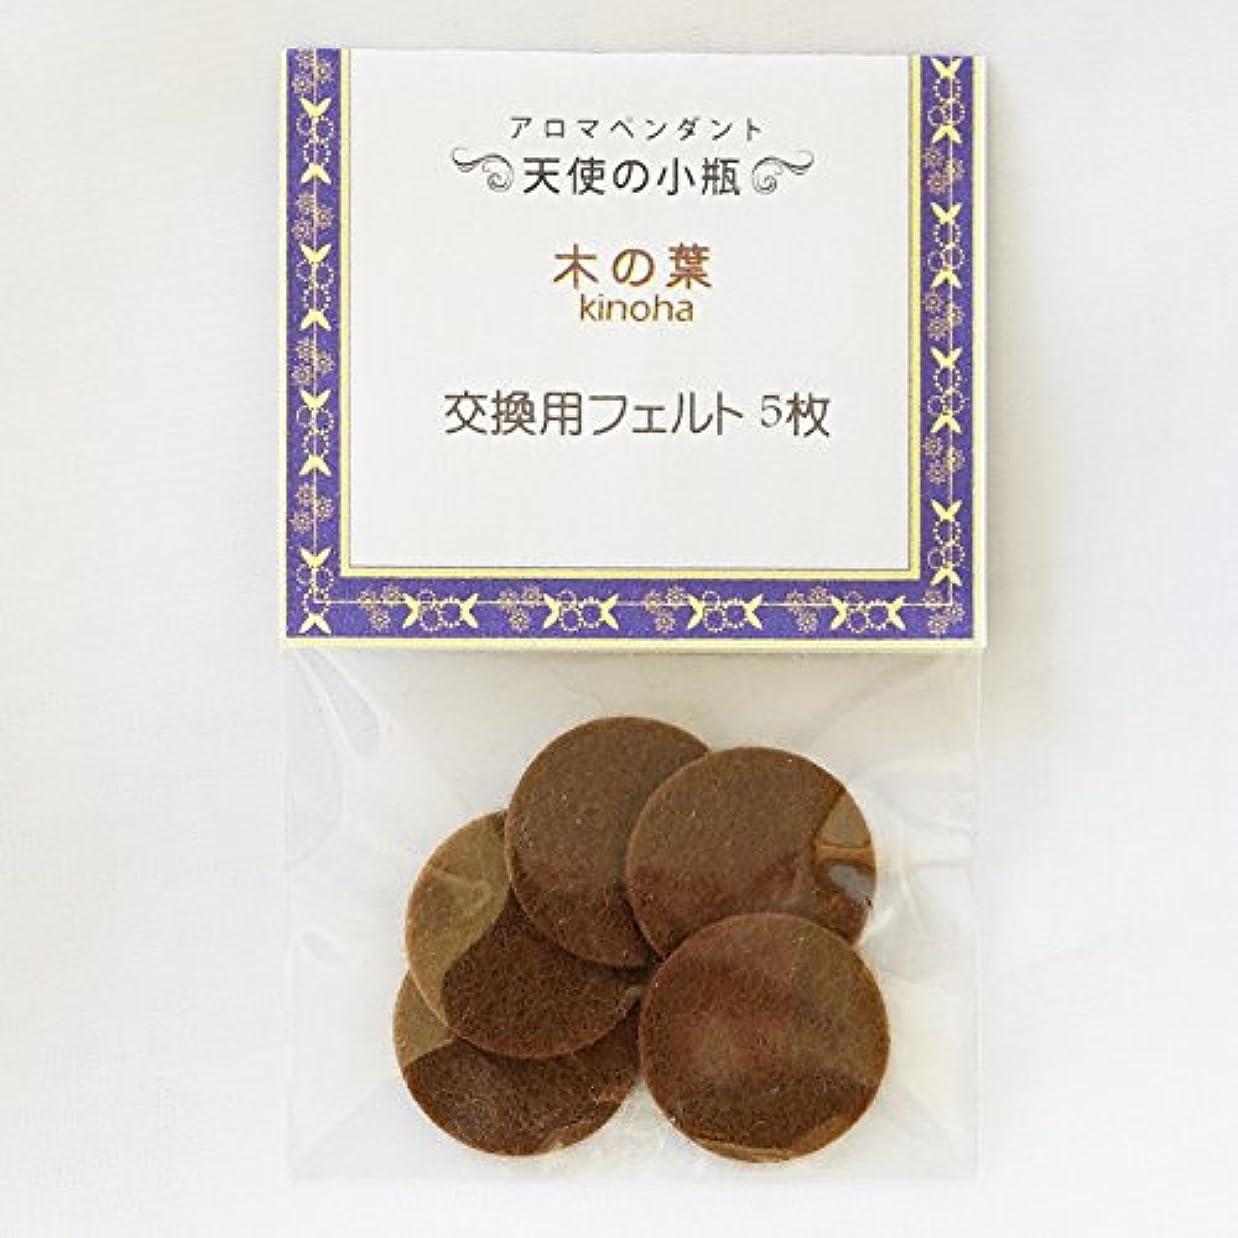 形式密接にディスク【天使の小瓶】 木の葉(アンティークゴールド)交換用フェルト5枚